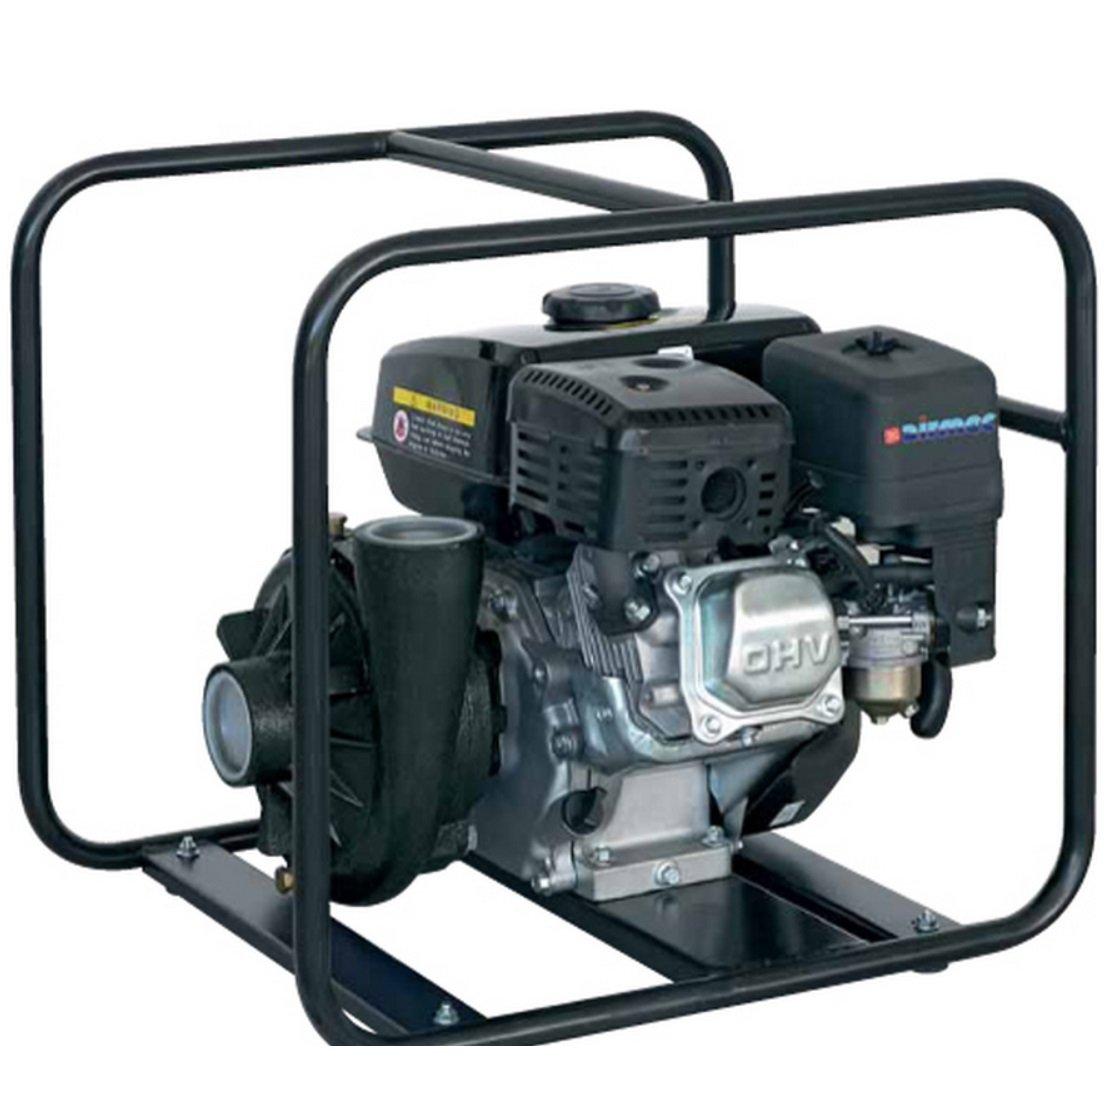 Speroni - Motopompa benzina autoadescante LC 50 HP 6,5 AIRMEC - 460 lt min - 50mt